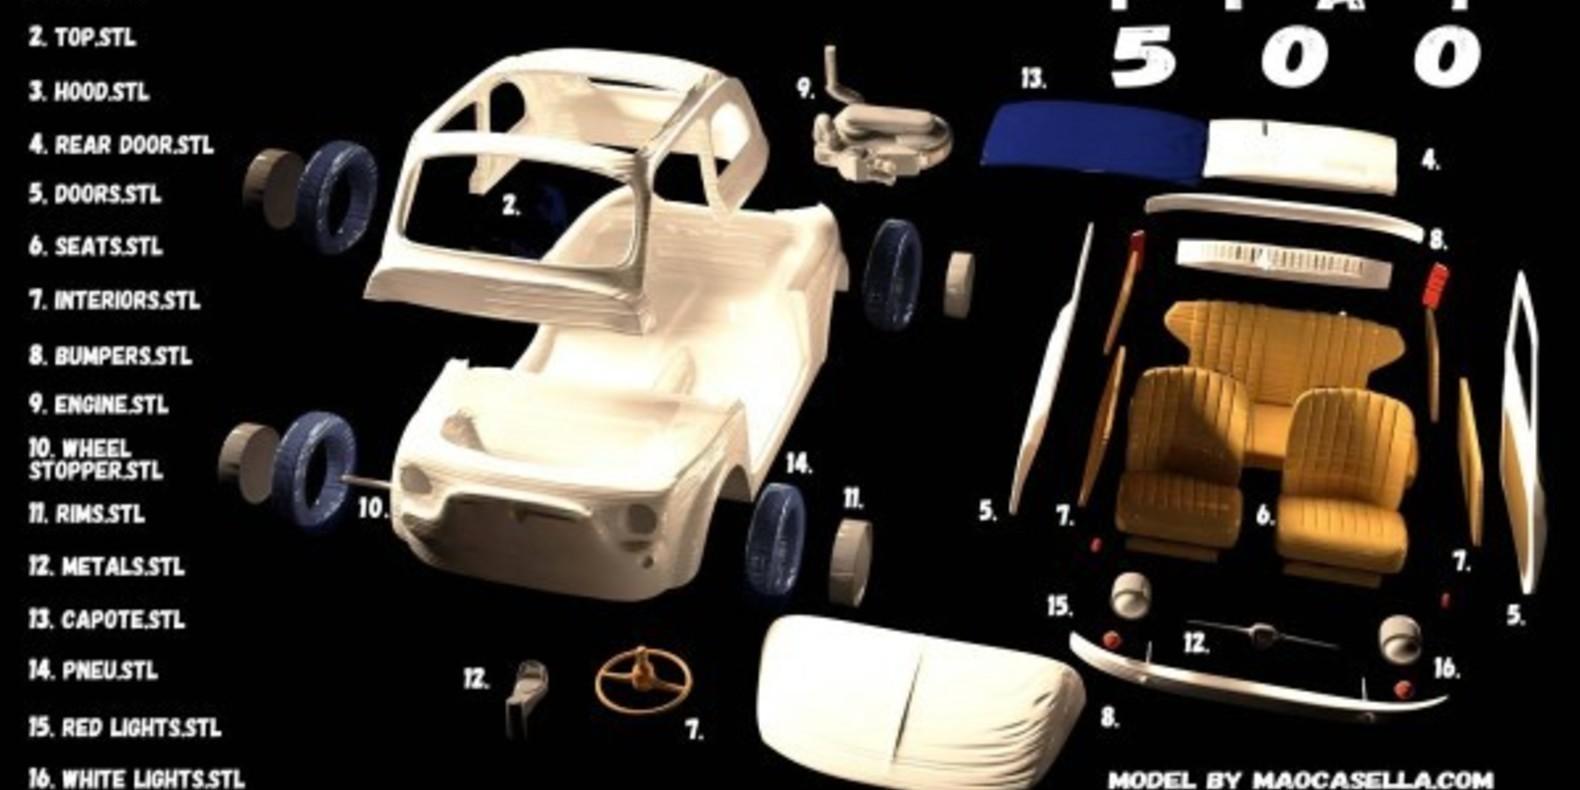 http://fichier3d.fr/wp-content/uploads/2015/01/Italian-Sixties-Car-5-Mao-Casella-Cults-e1421754167554.jpg